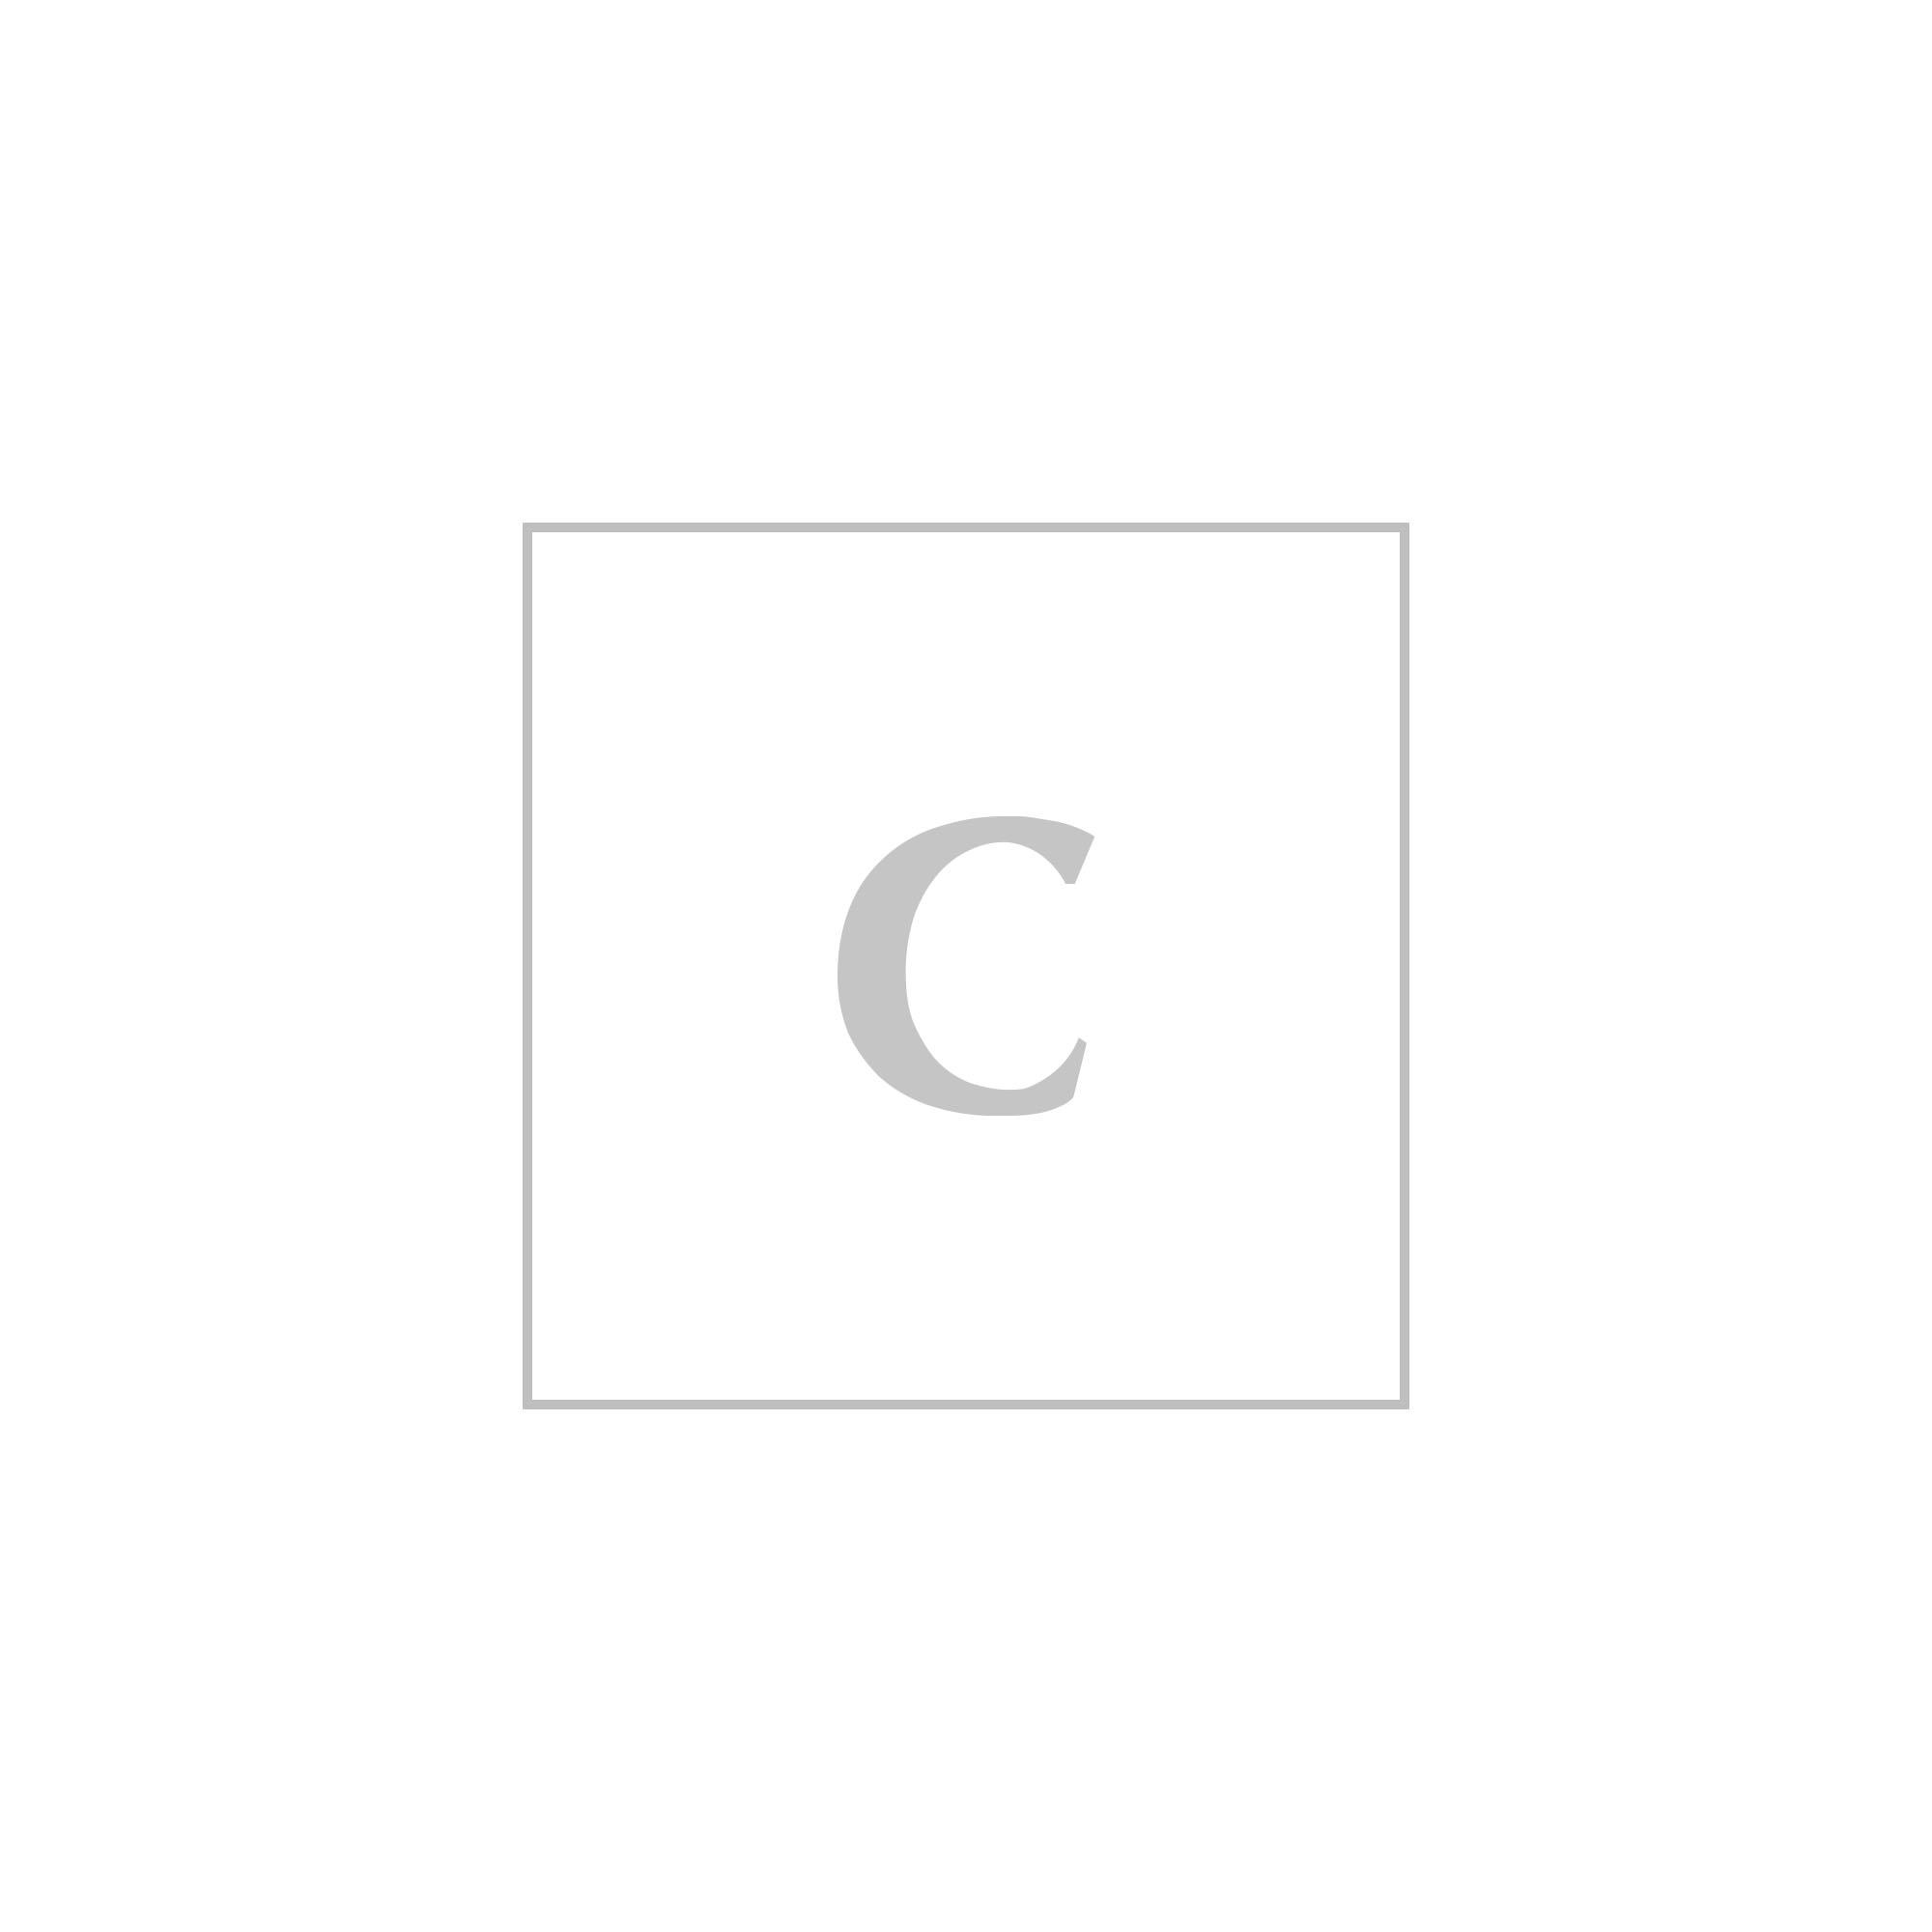 Coltorti Blu Da Uomo Boutique Moncler Felpe Basic qxfnwTC41